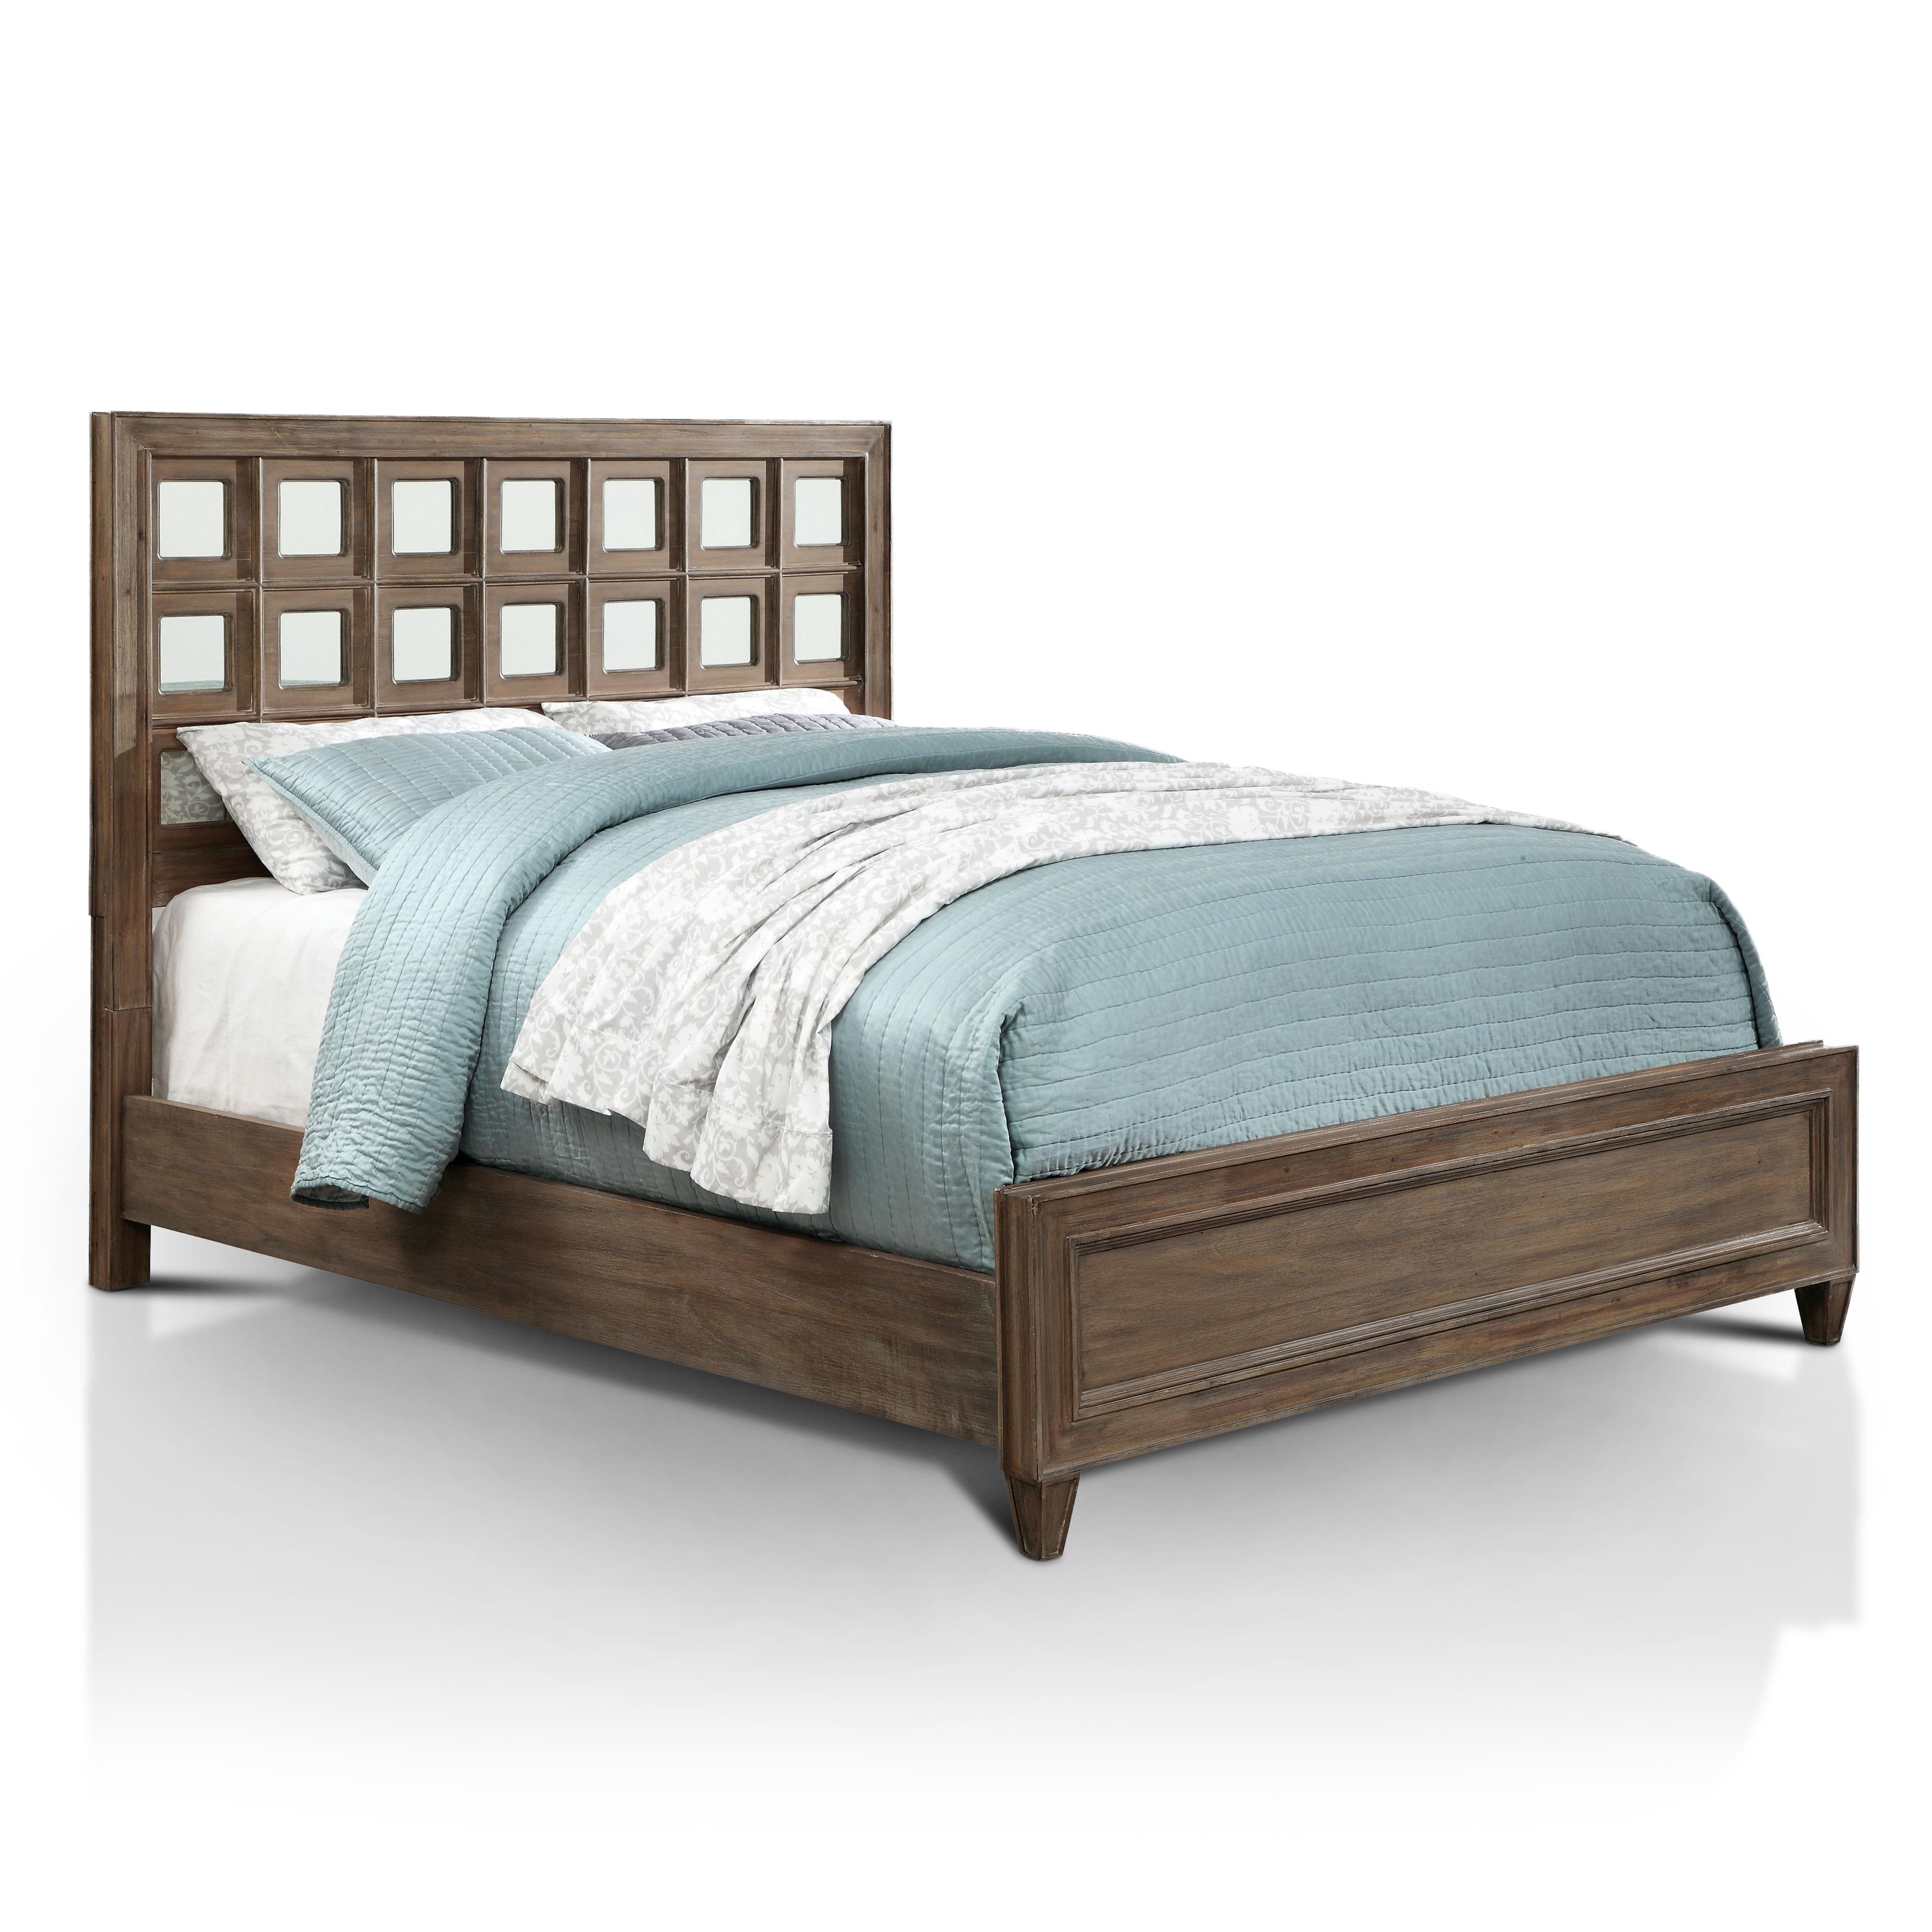 Furniture of America Alyssa Glam Mirrored Rustic Oak Bed ...